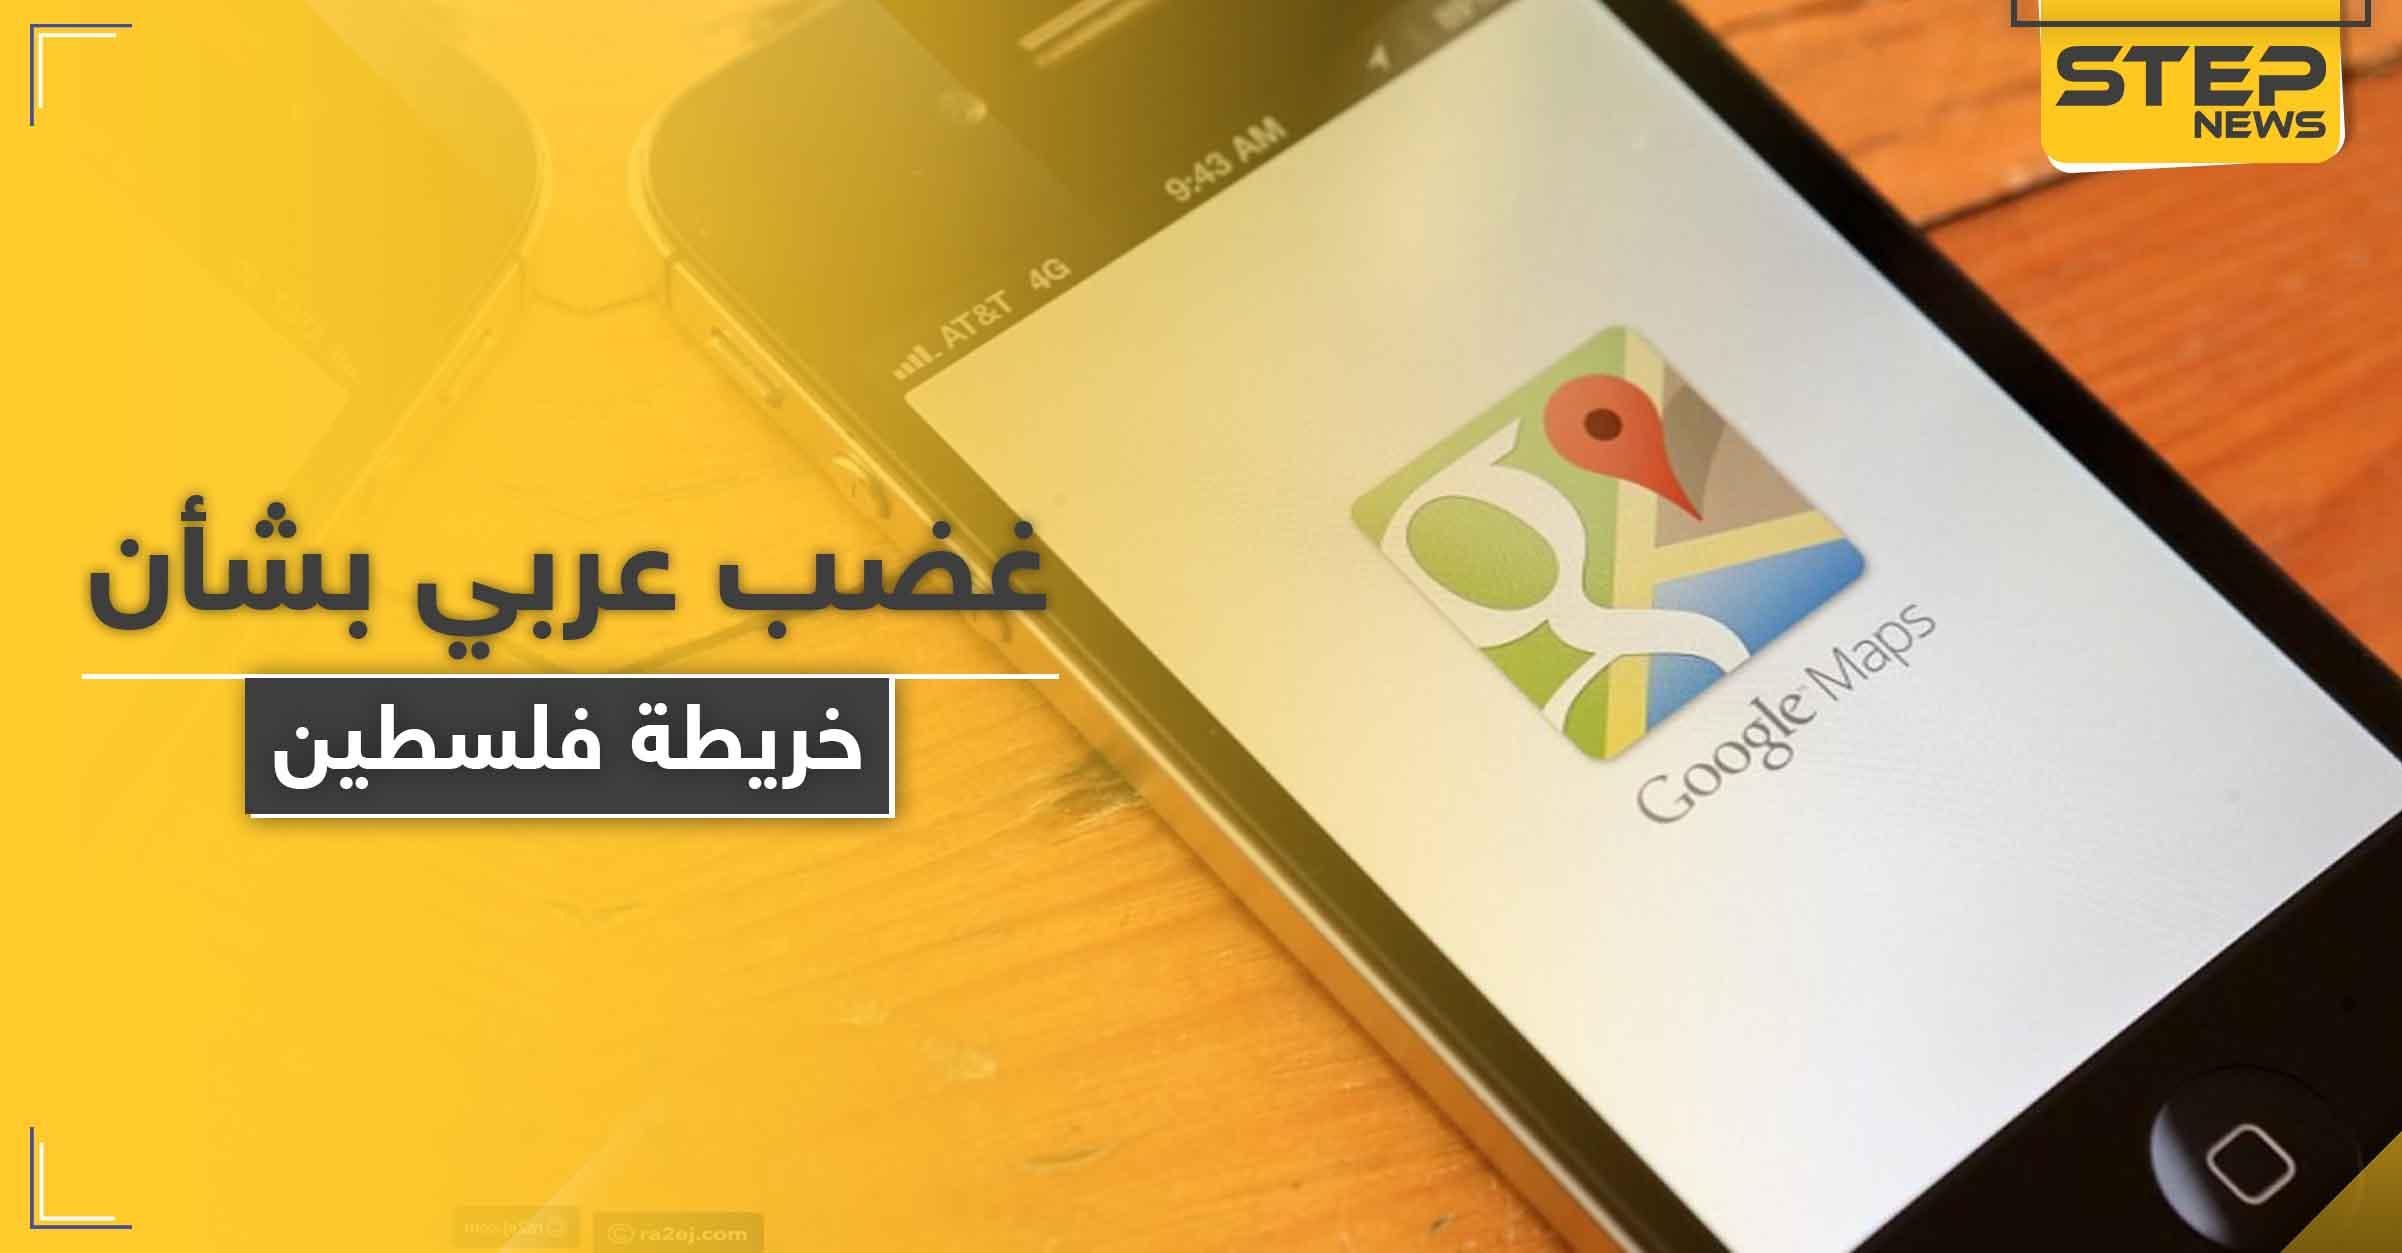 """غضب عربي بعد حذف """"فلسطين"""" من خرائط غوغل وآبل"""